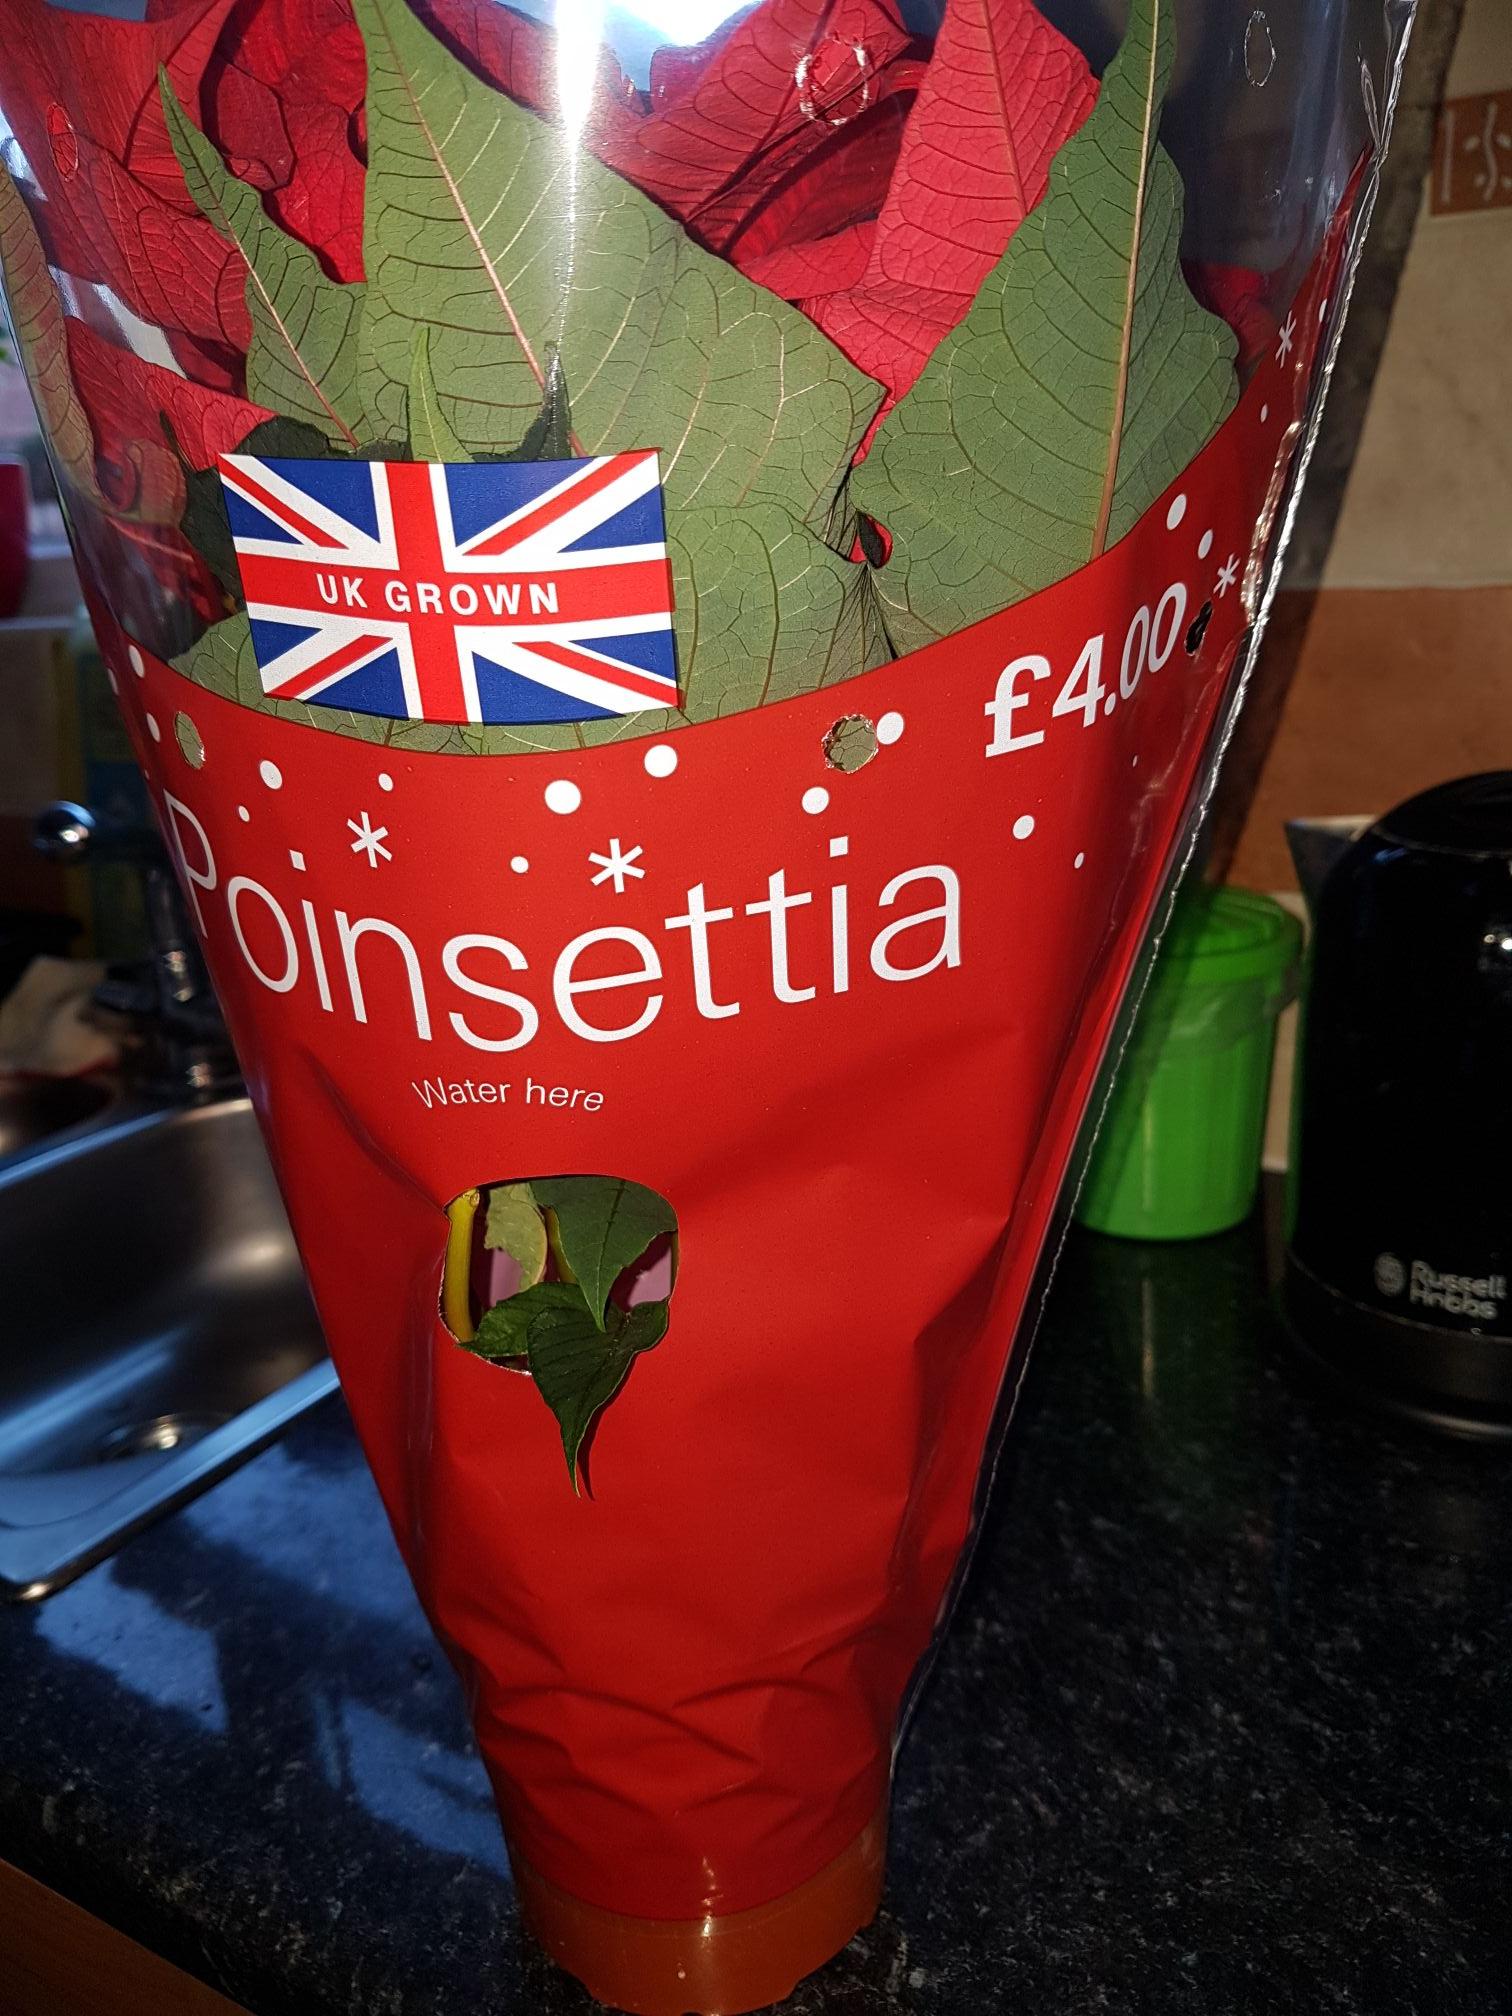 Poinsettias £1 at B&Q Leeds